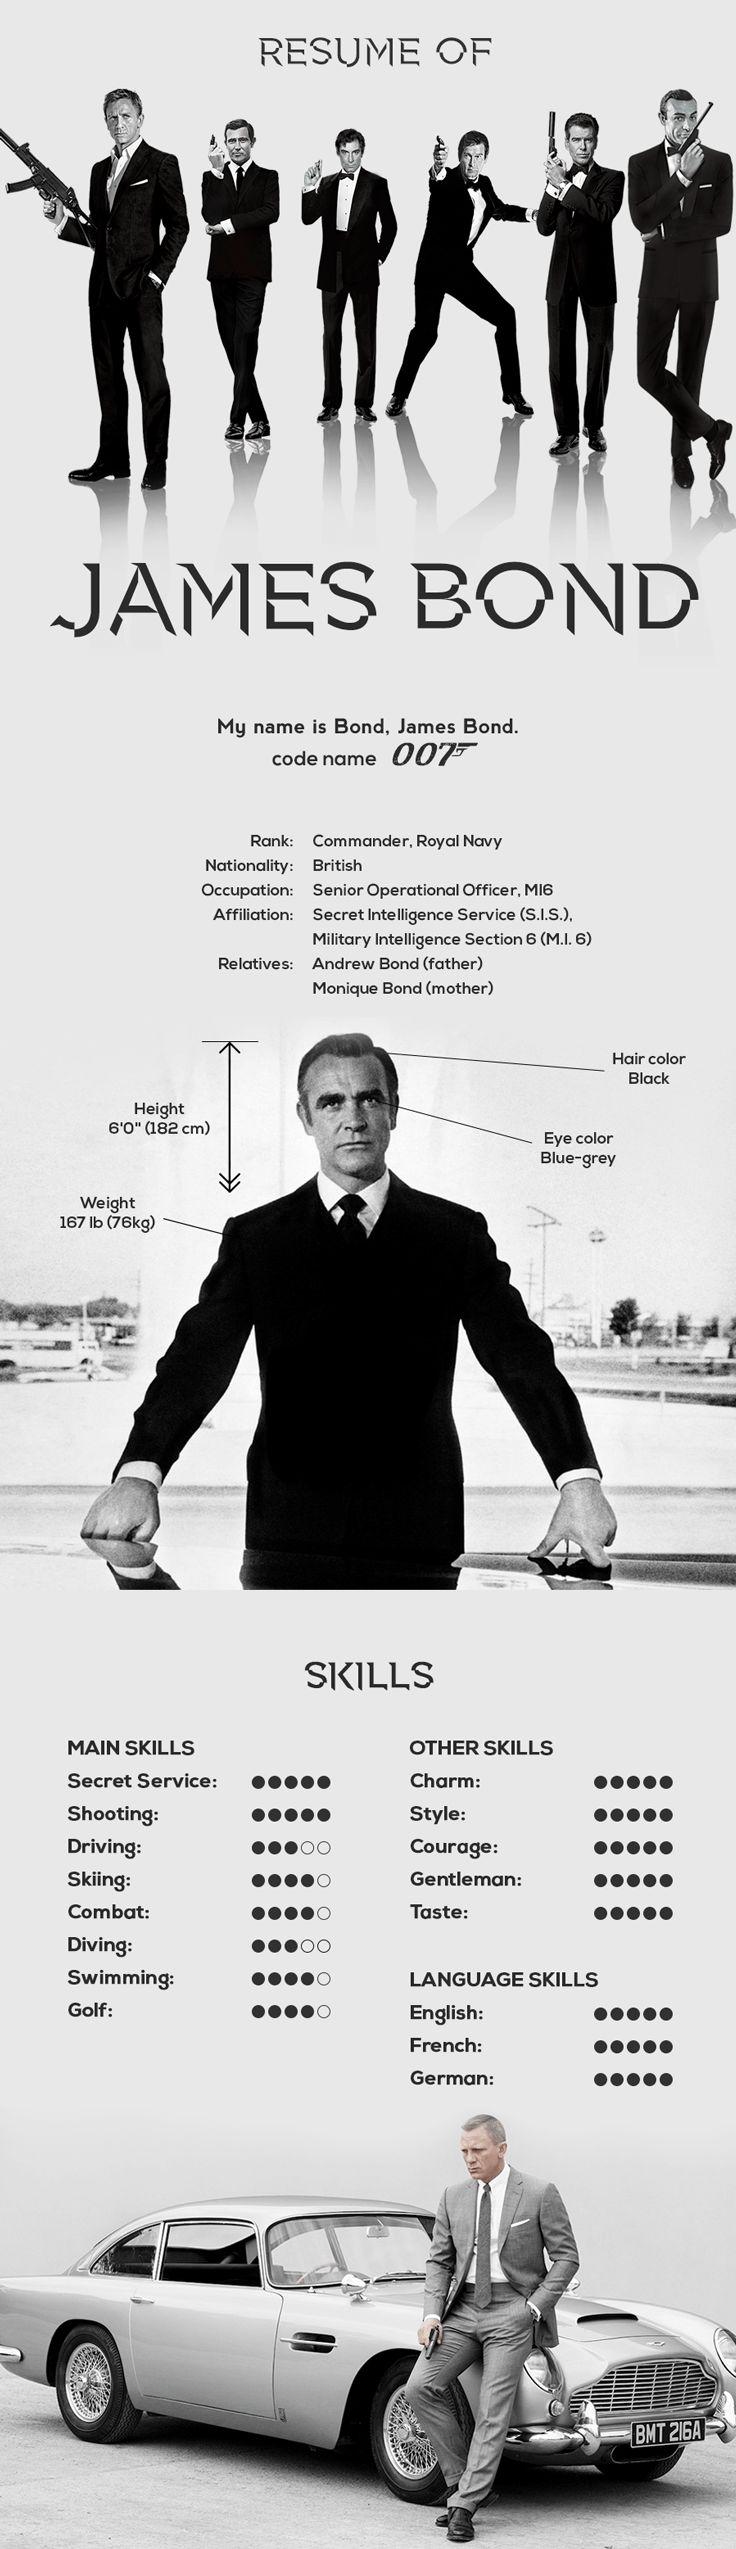 Kickresume.com tarafından hazırlanan infografik ise efsane film karakteri James Bond'un özgeçmişini sunuyor. #JamesBond #film #sinema #özgeçmiş #resume #dizi #infografik #infographic #work #business #socialbusiness #kariyer #movie #cv